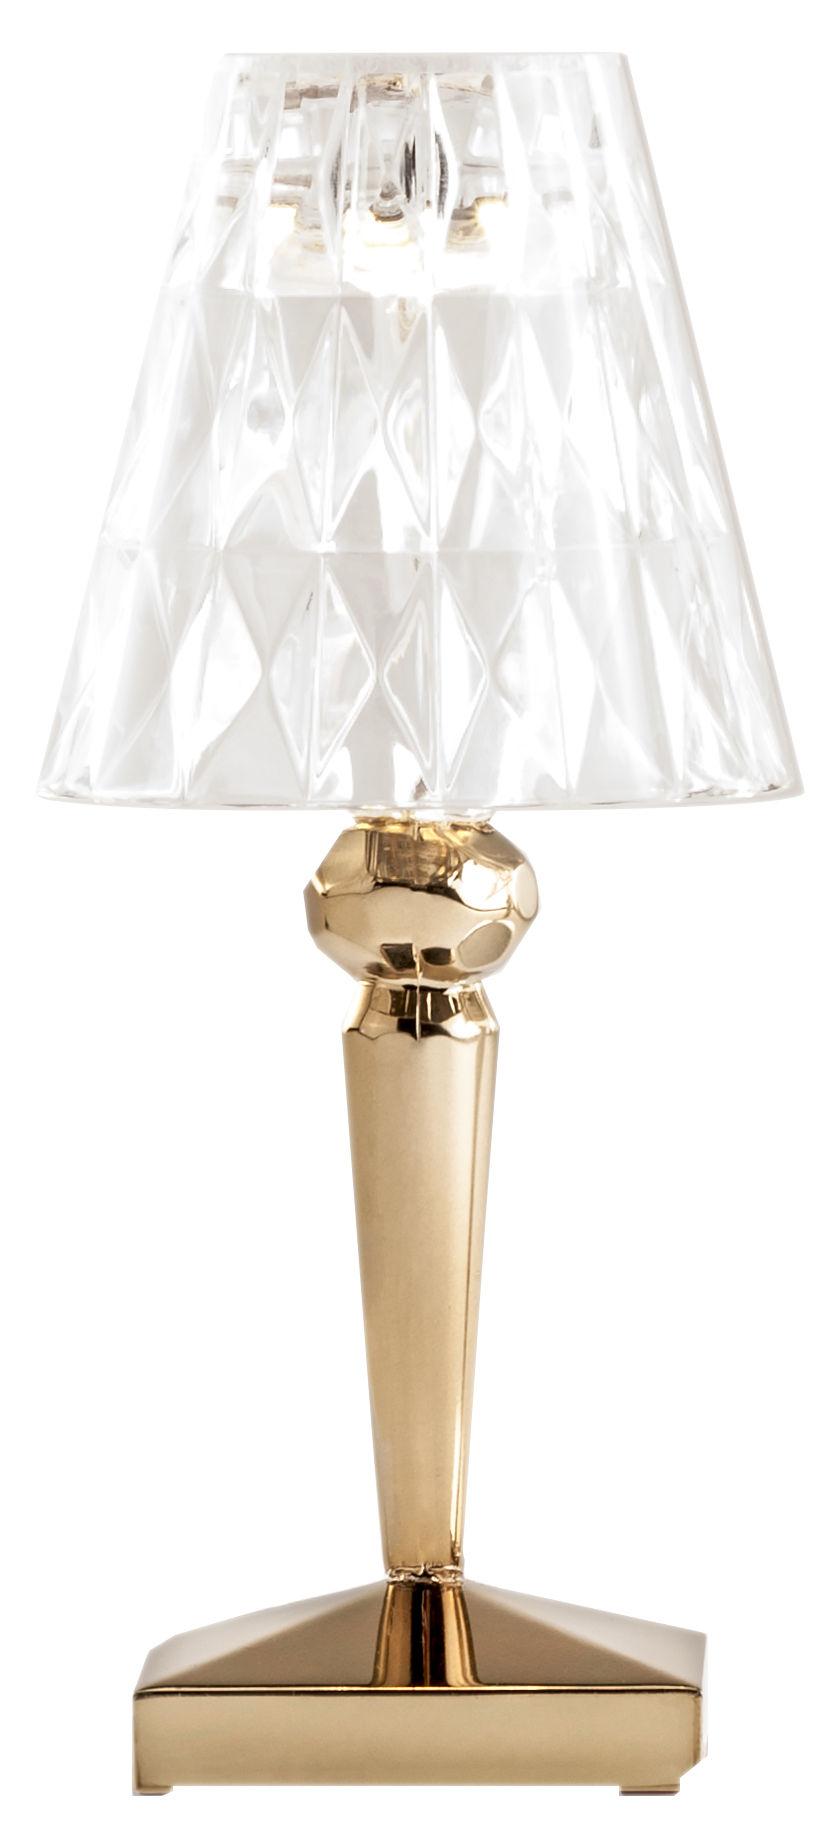 Illuminazione - Lampade da tavolo - Lampada senza fili Battery LED / Ricarica USB - Metallizzata - Kartell - Oro - PMMA